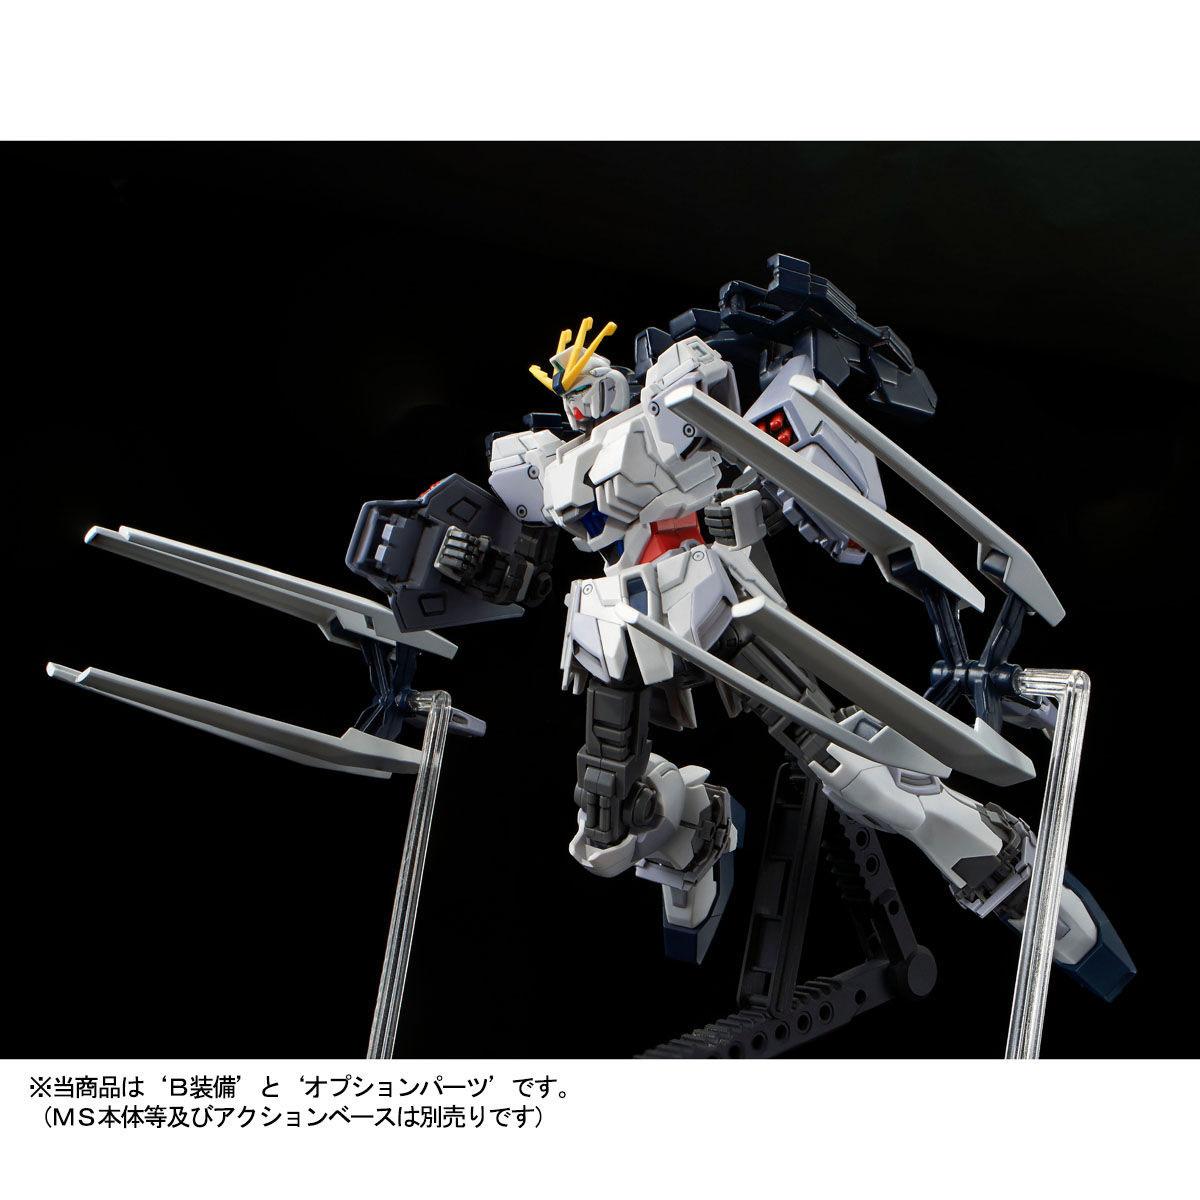 HG 1/144『ナラティブガンダム用 B装備拡張セット』ガンダムNT プラモデル-009